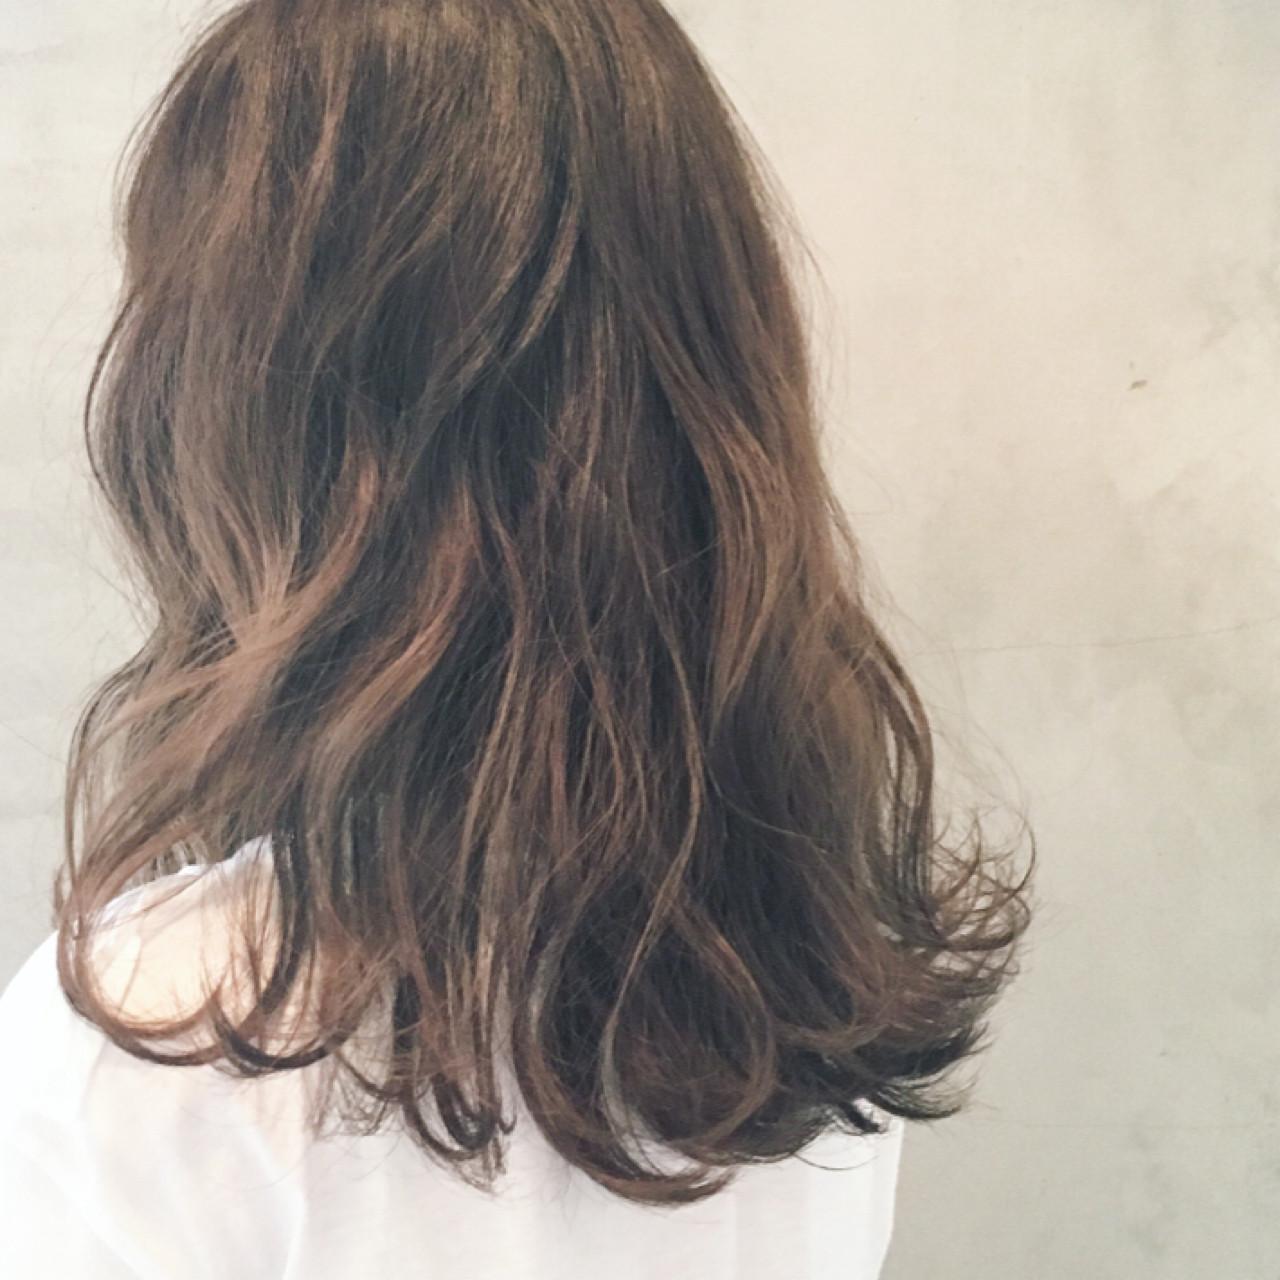 外国人風 デジタルパーマ ロング ゆるふわ ヘアスタイルや髪型の写真・画像